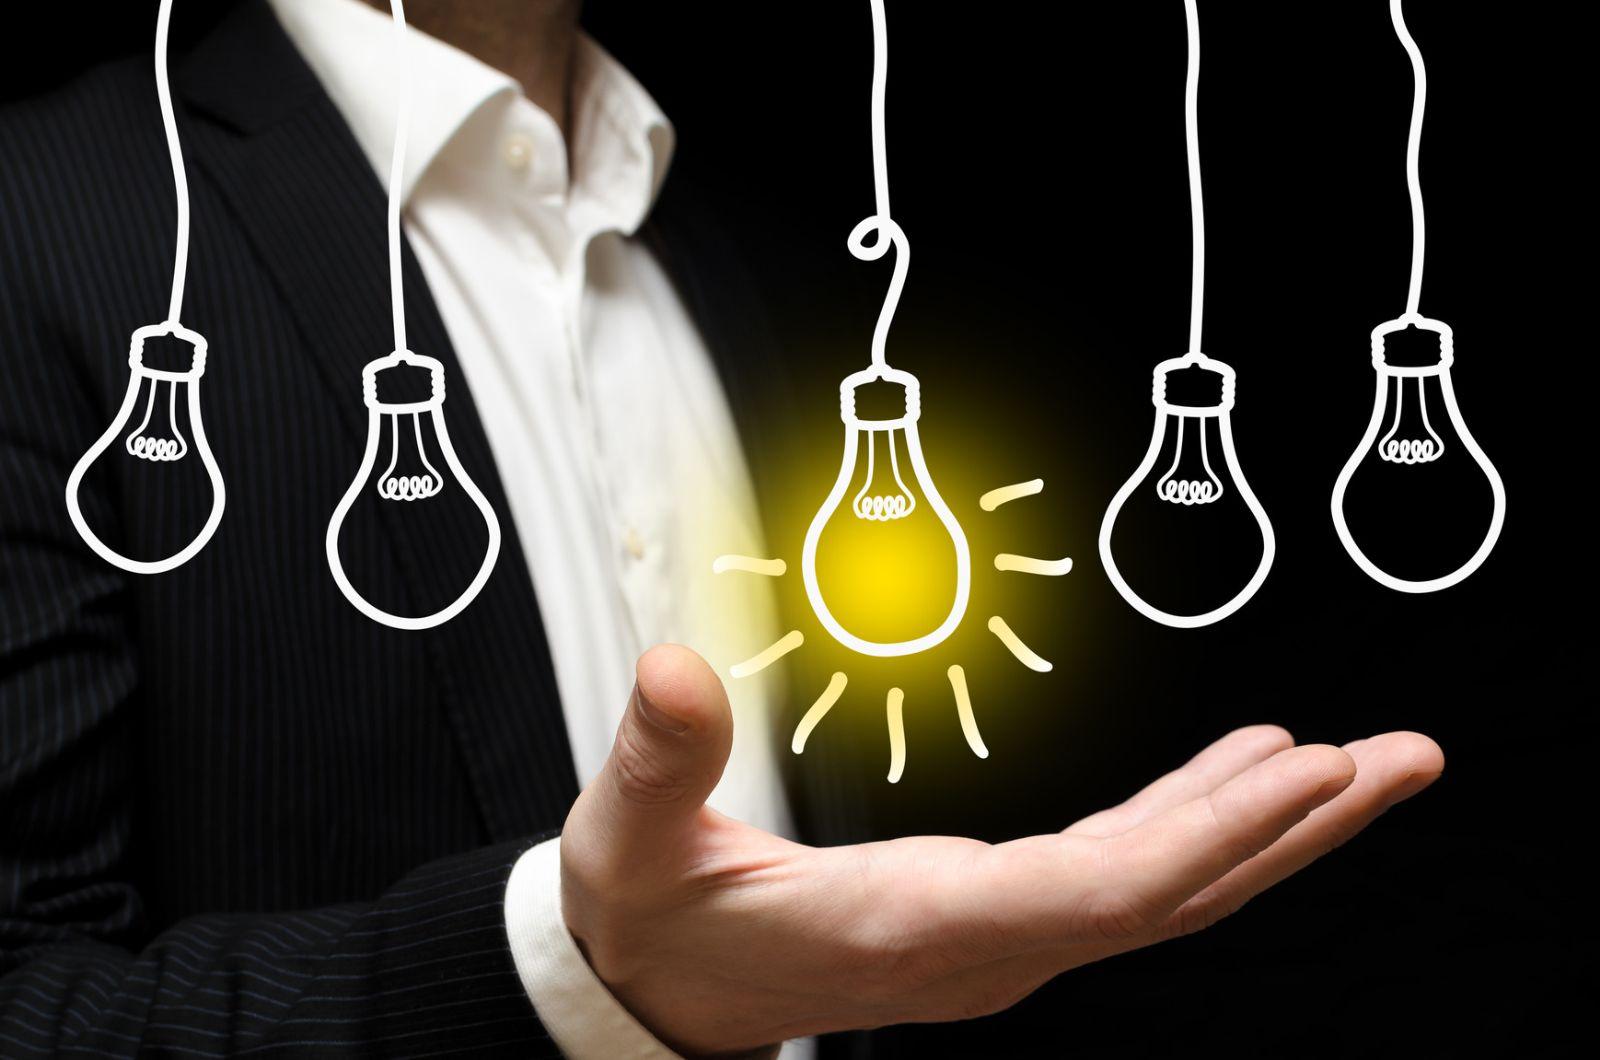 các ý tưởng kinh doanh với số vốn nhỏ